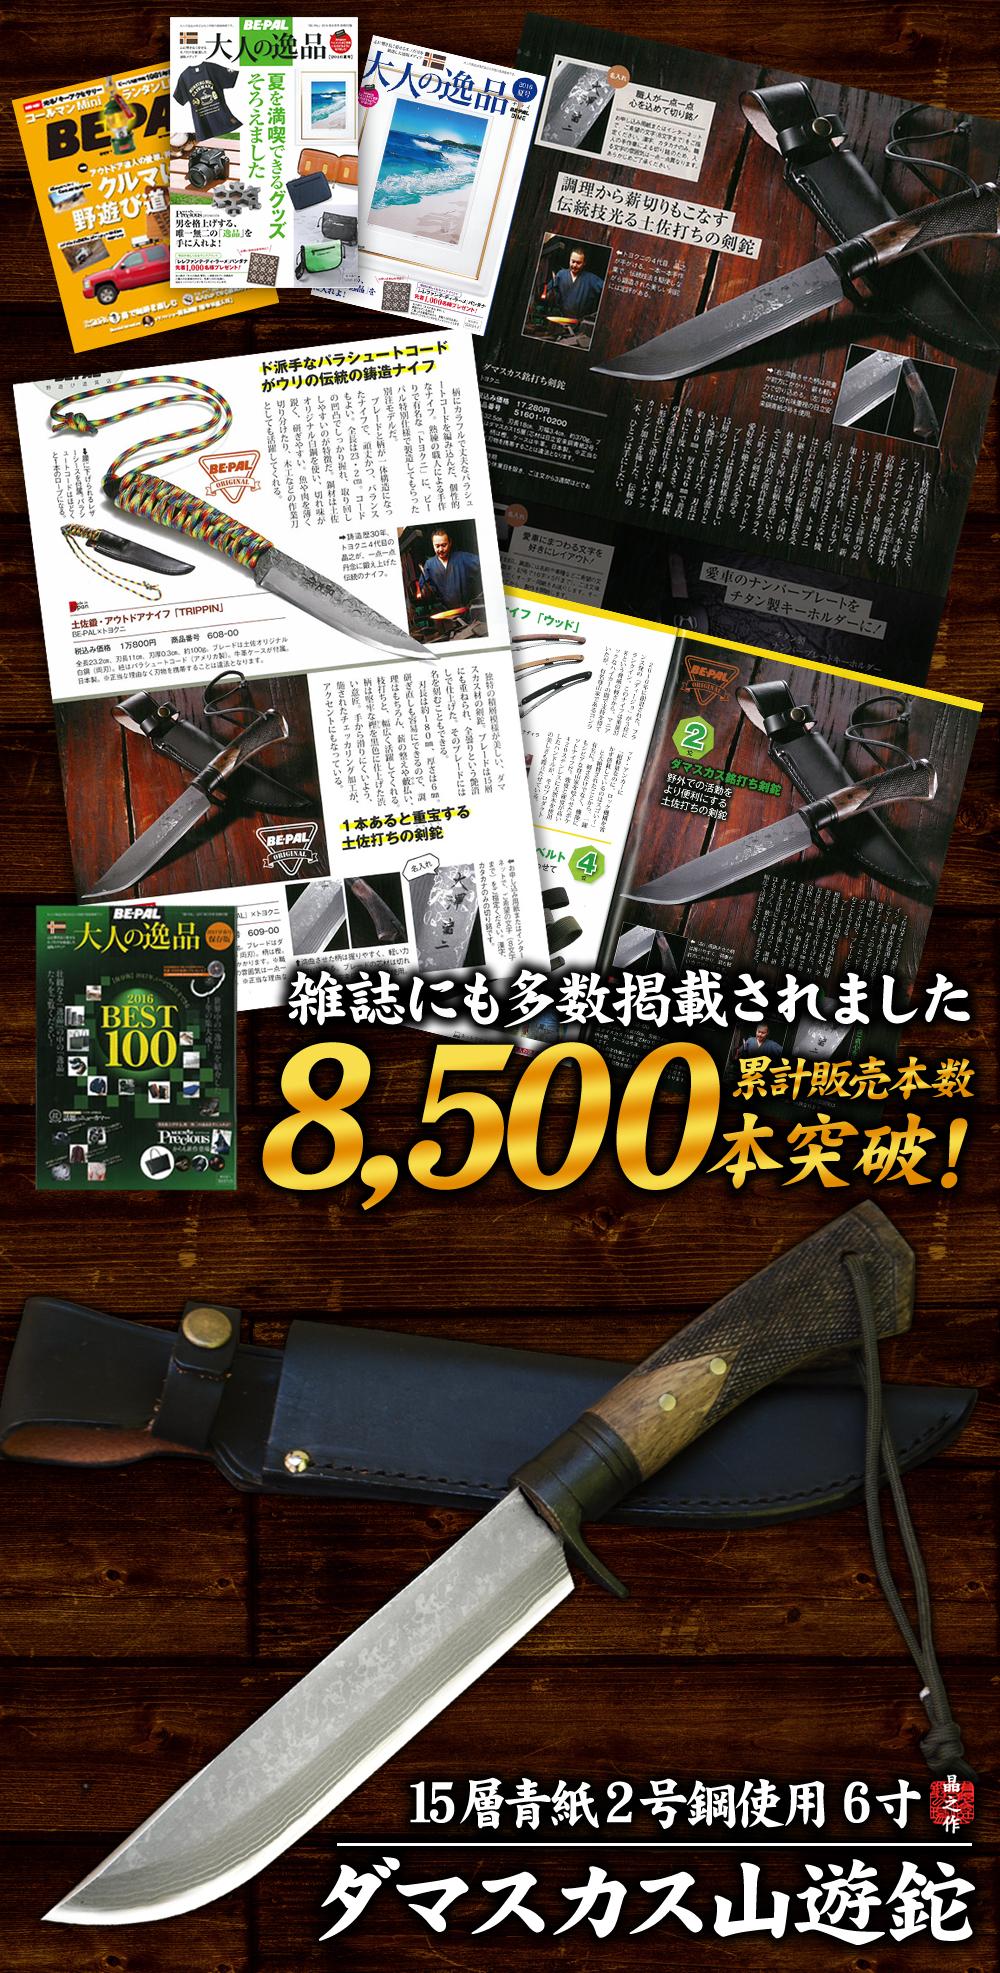 雑誌掲載 1800本突破 山遊鉈 黒ケース 緑ケース